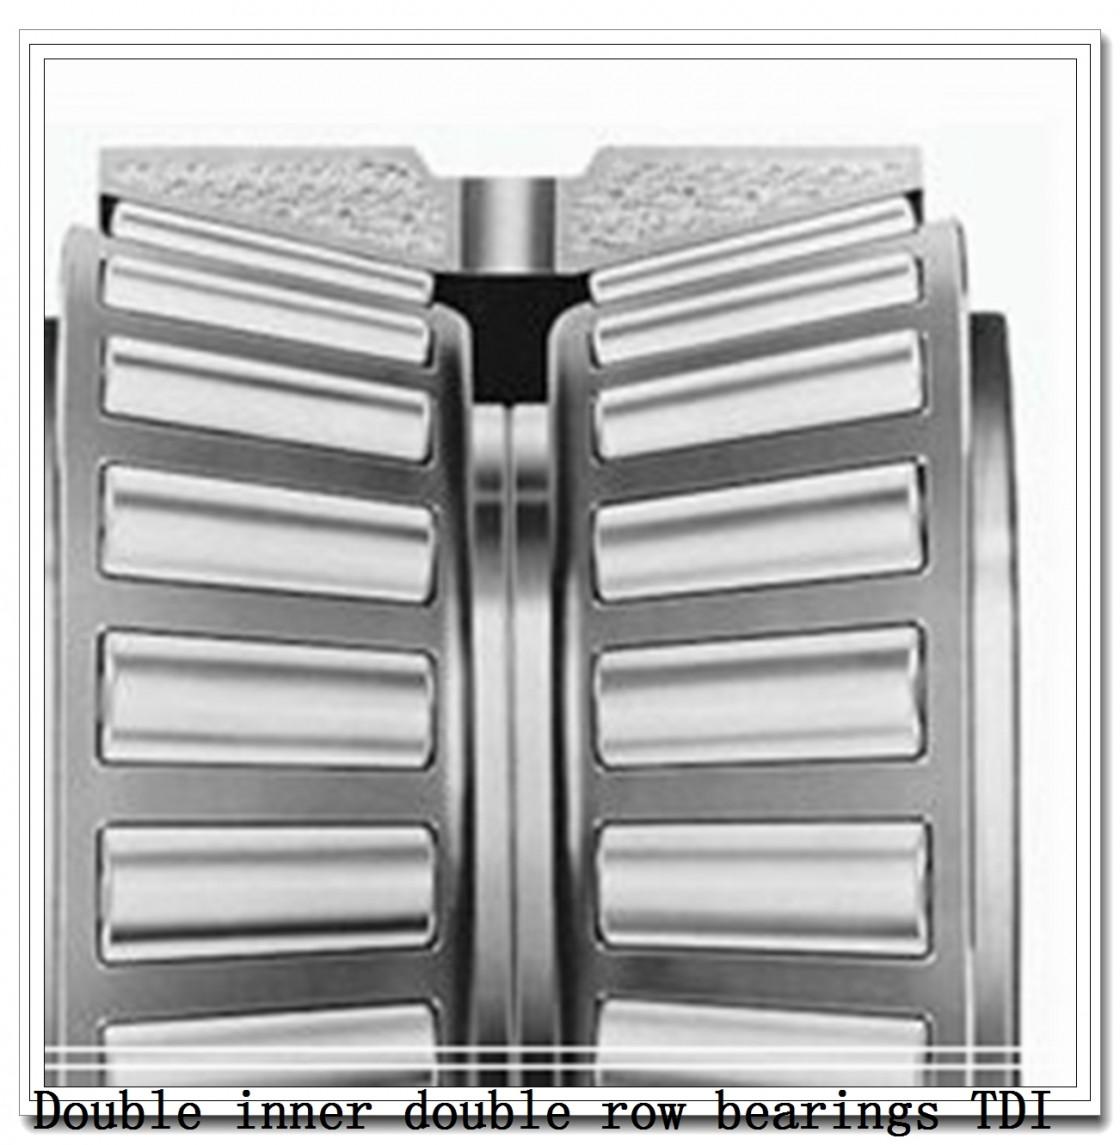 97520EK Double inner double row bearings TDI